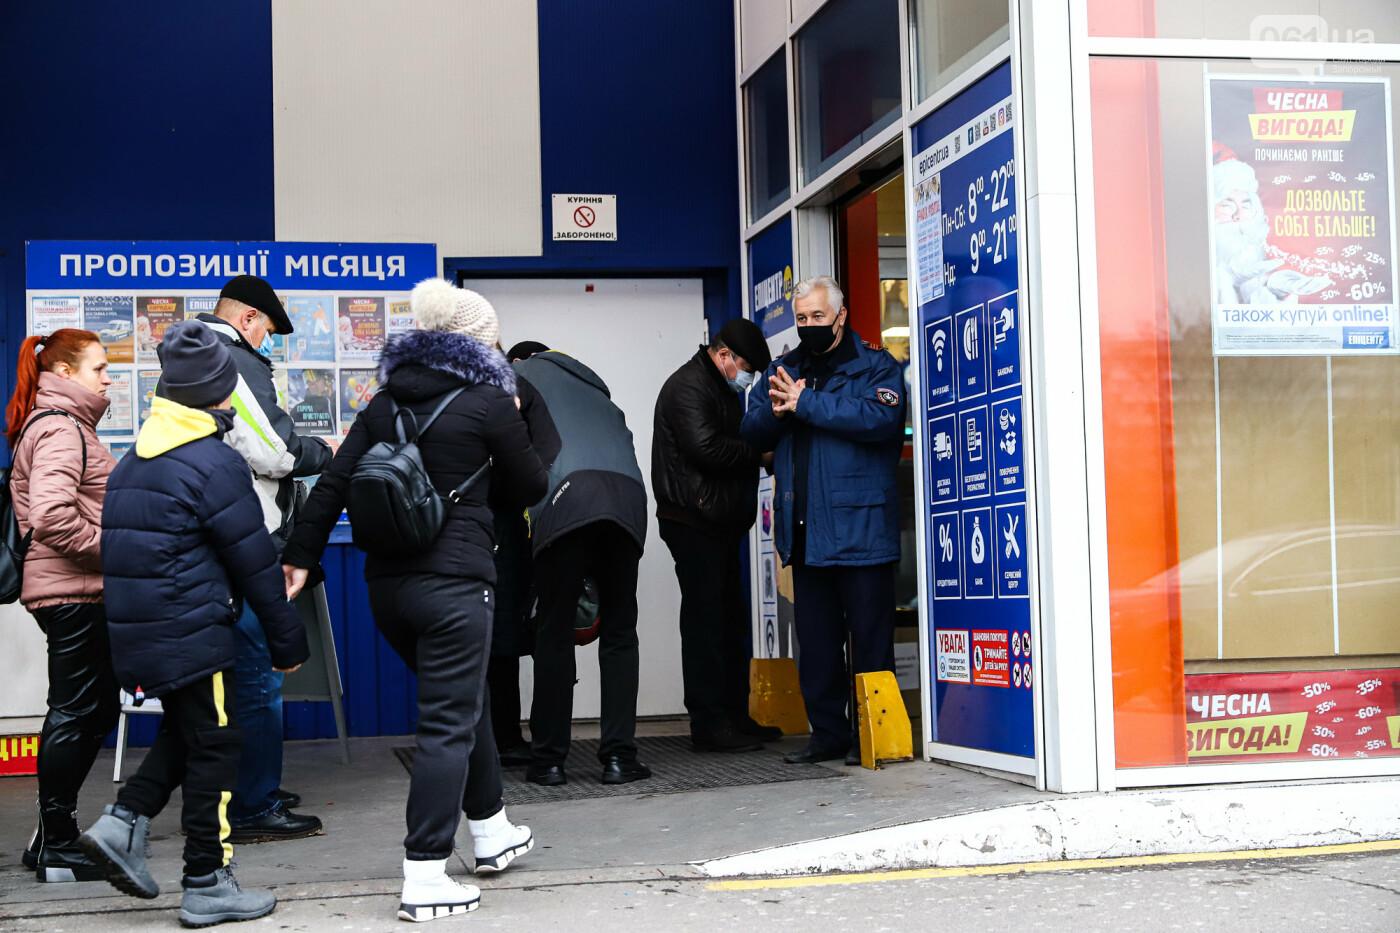 Защитные ленты на товарах, неработающие ТРЦ и полузакрытые рынки – фоторепортаж о первом дне локдауна в Запорожье, фото-36